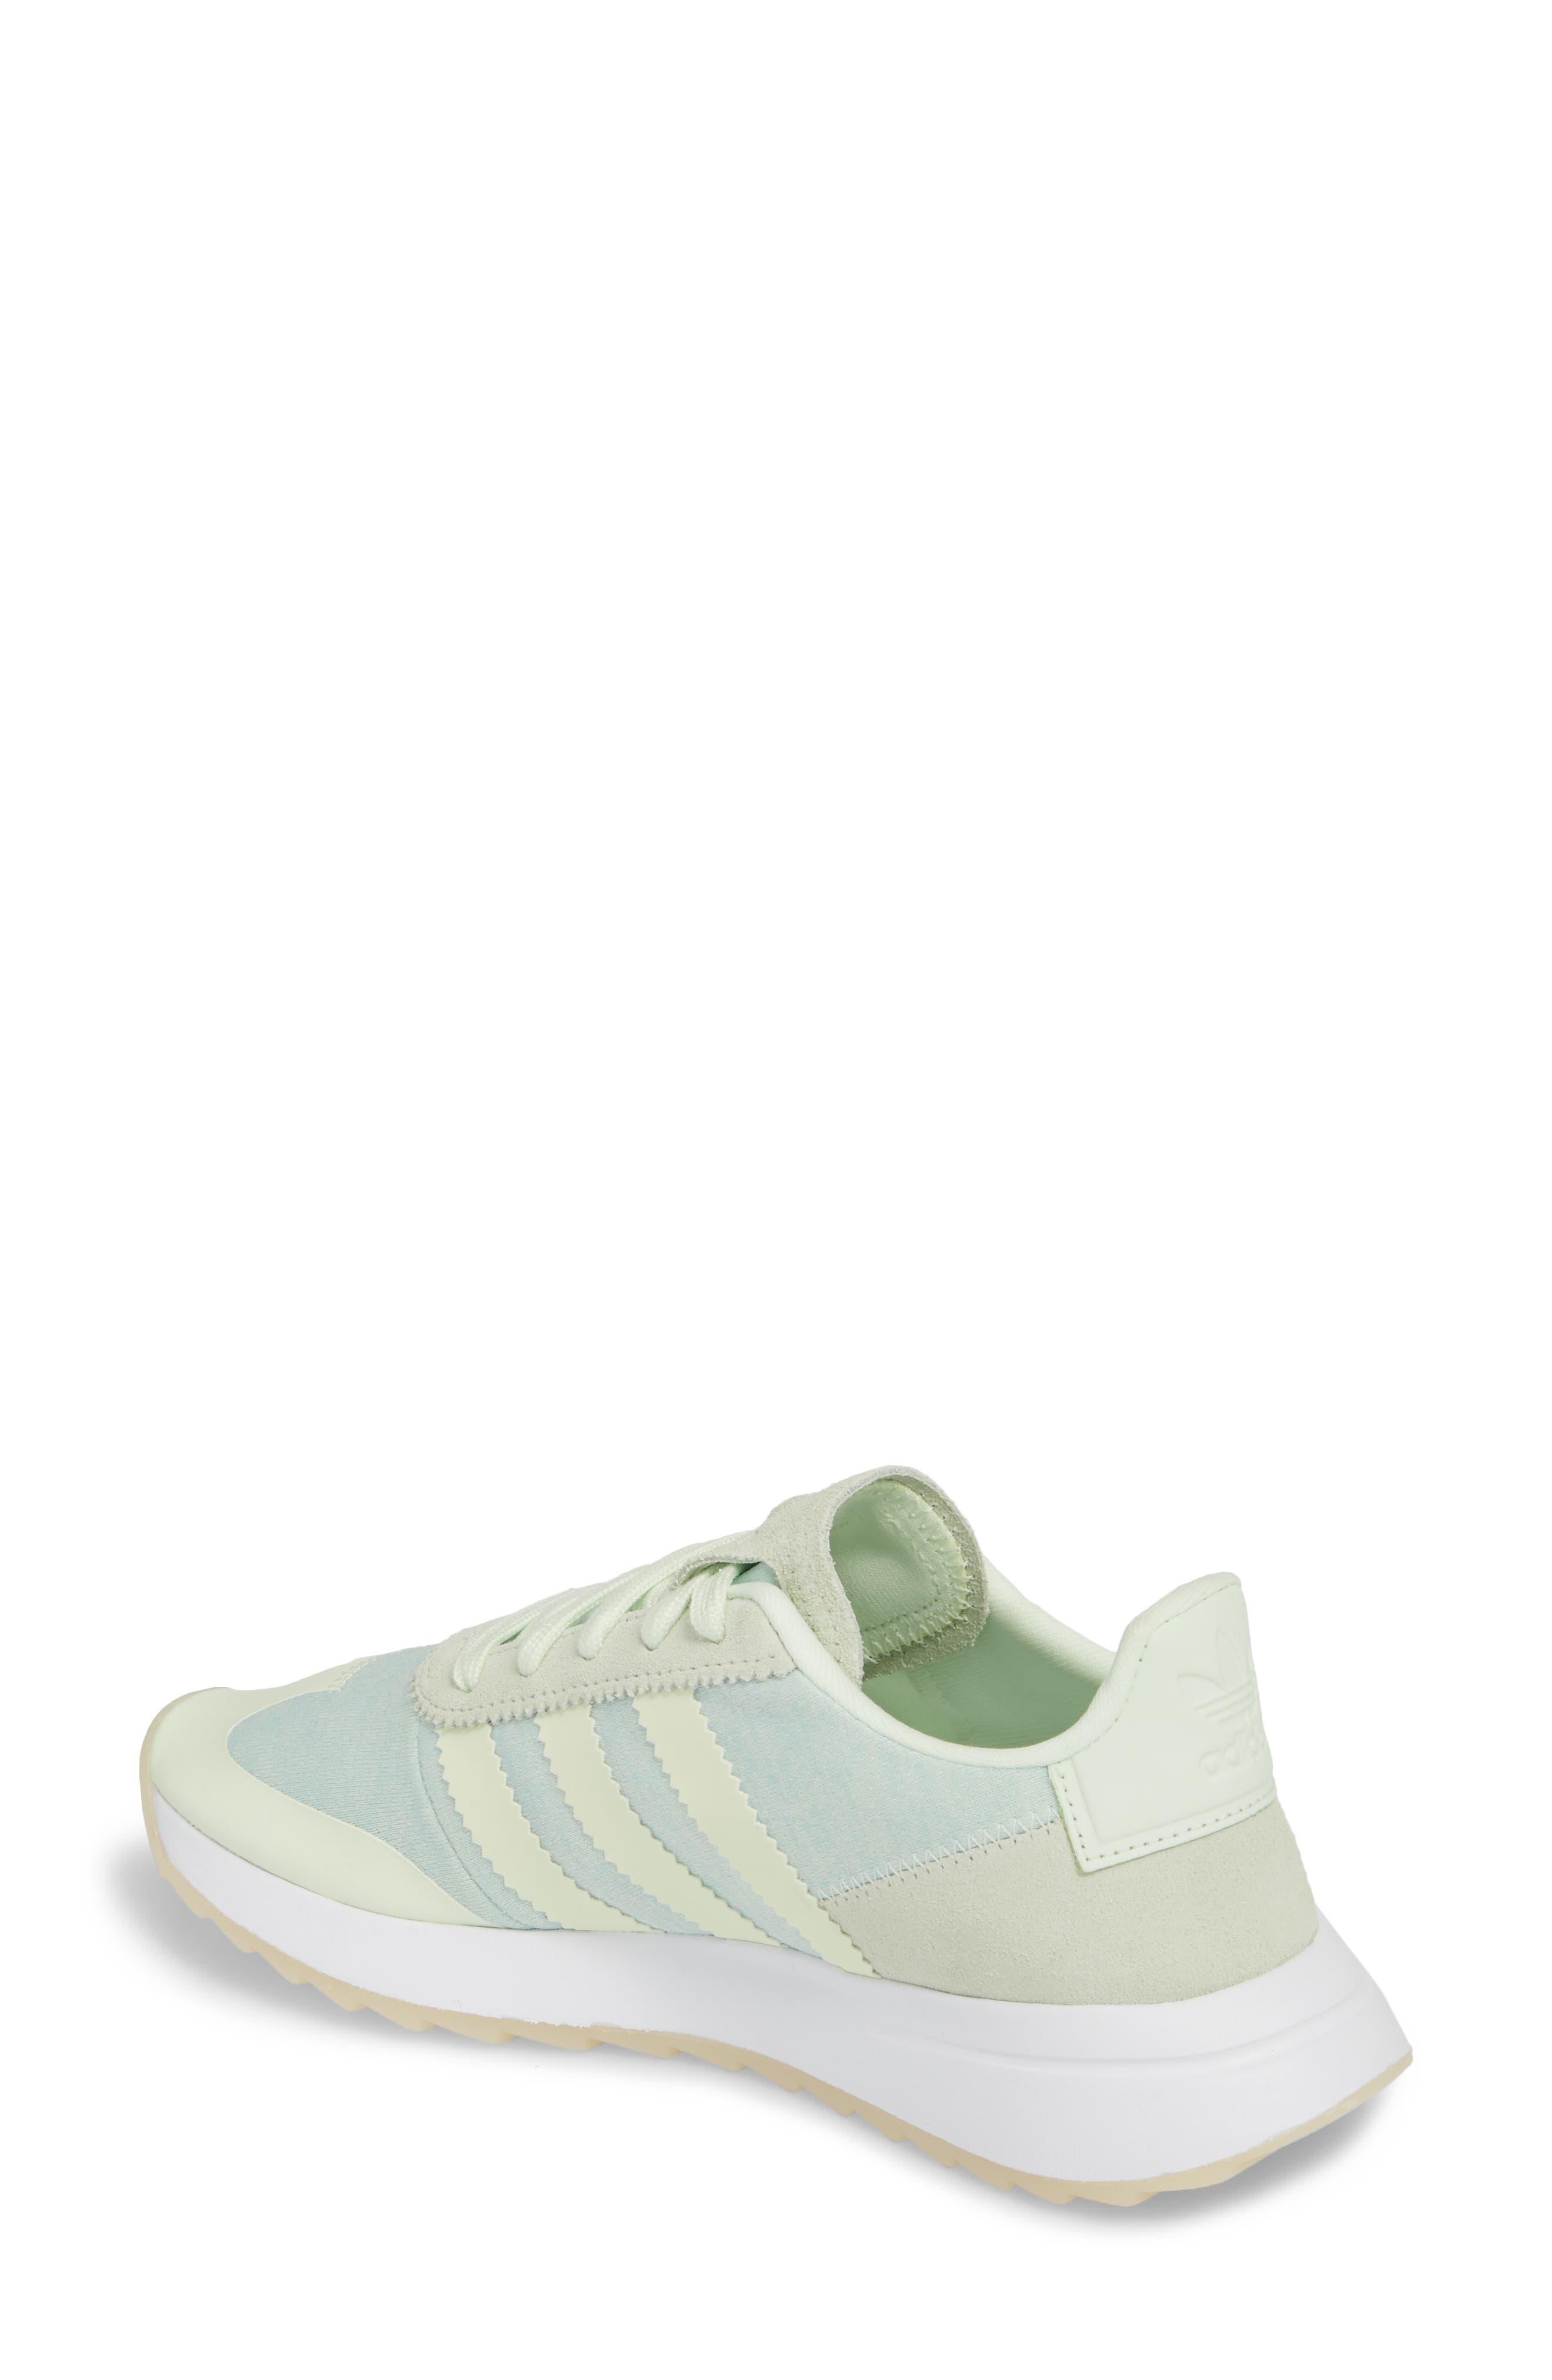 Flashback Sneaker,                             Alternate thumbnail 20, color,